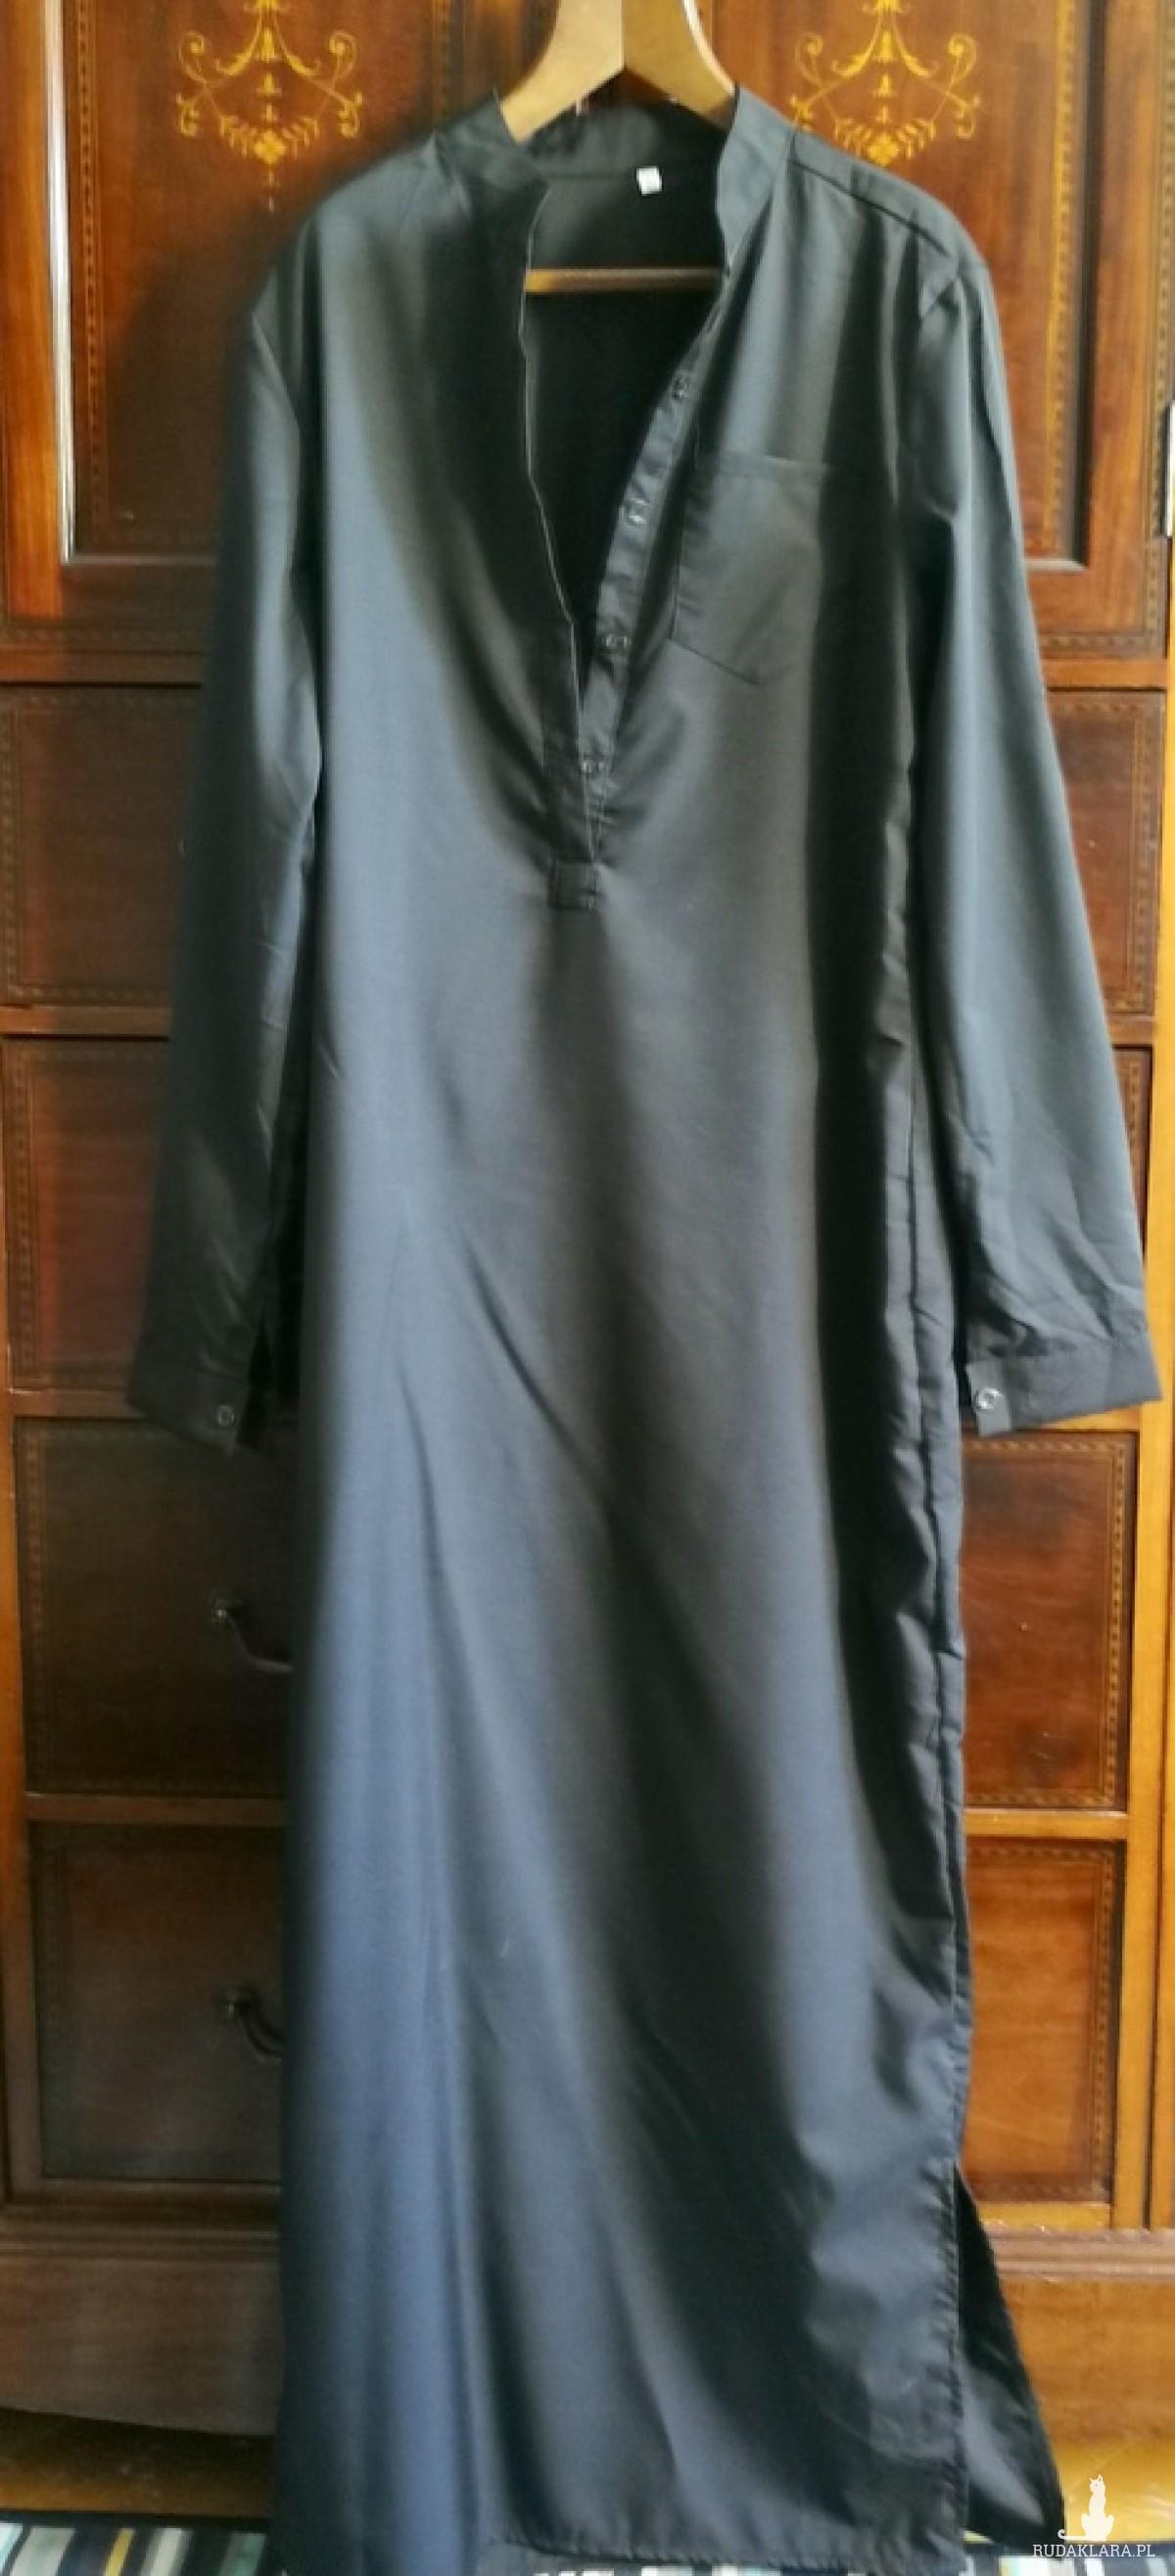 sukienka czarna szmizjerka koszulowa długa